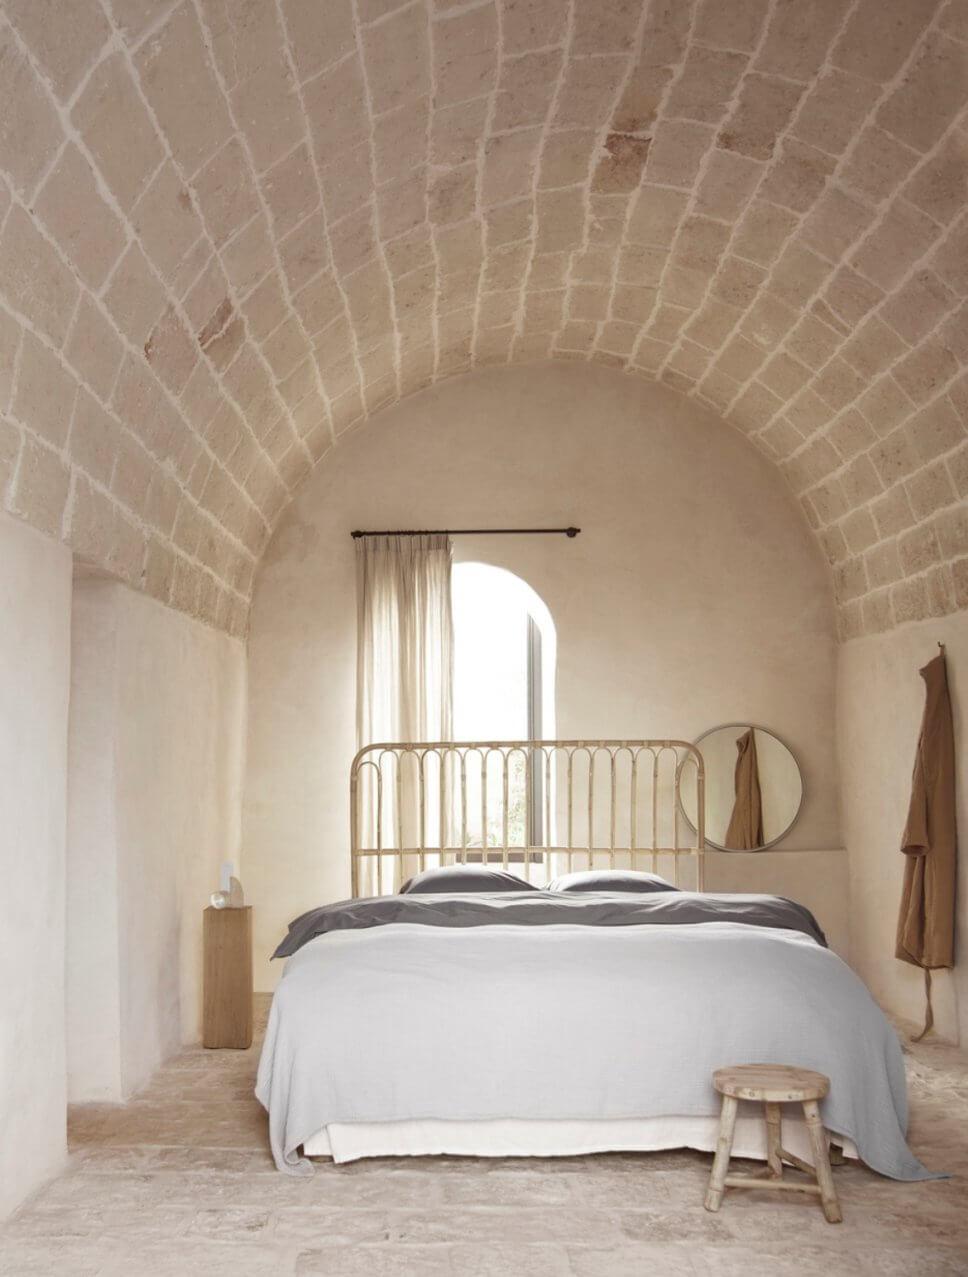 Modernes Schlafzimmer in mediterranem Haus mit steinerner Gewölbedecke